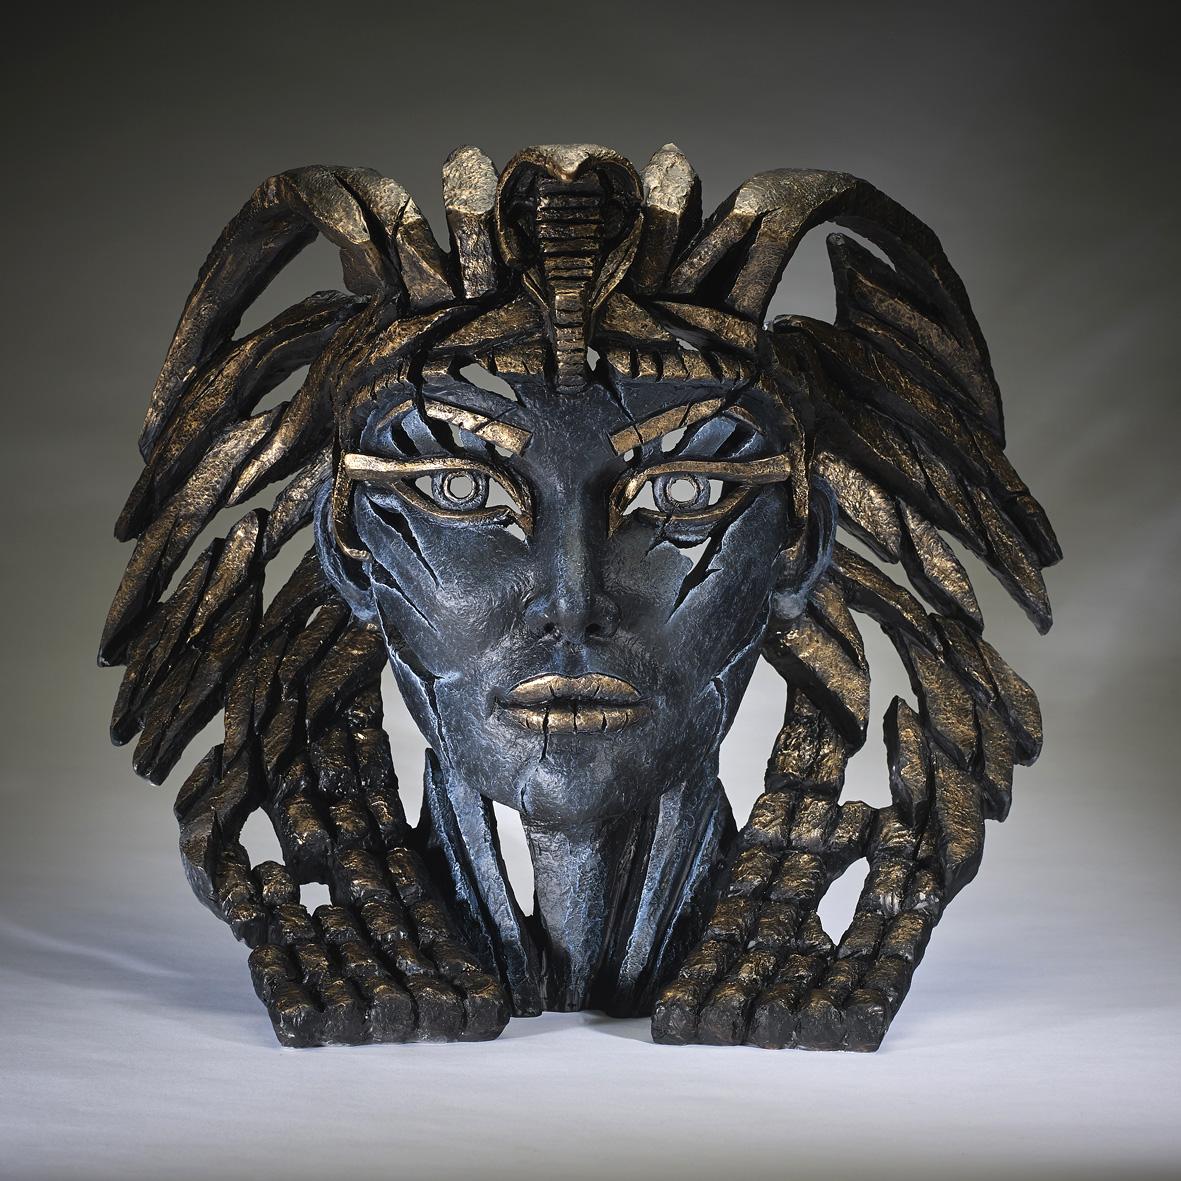 Cleopatra Bust - Blue by Edge Sculptures by Matt Buckley